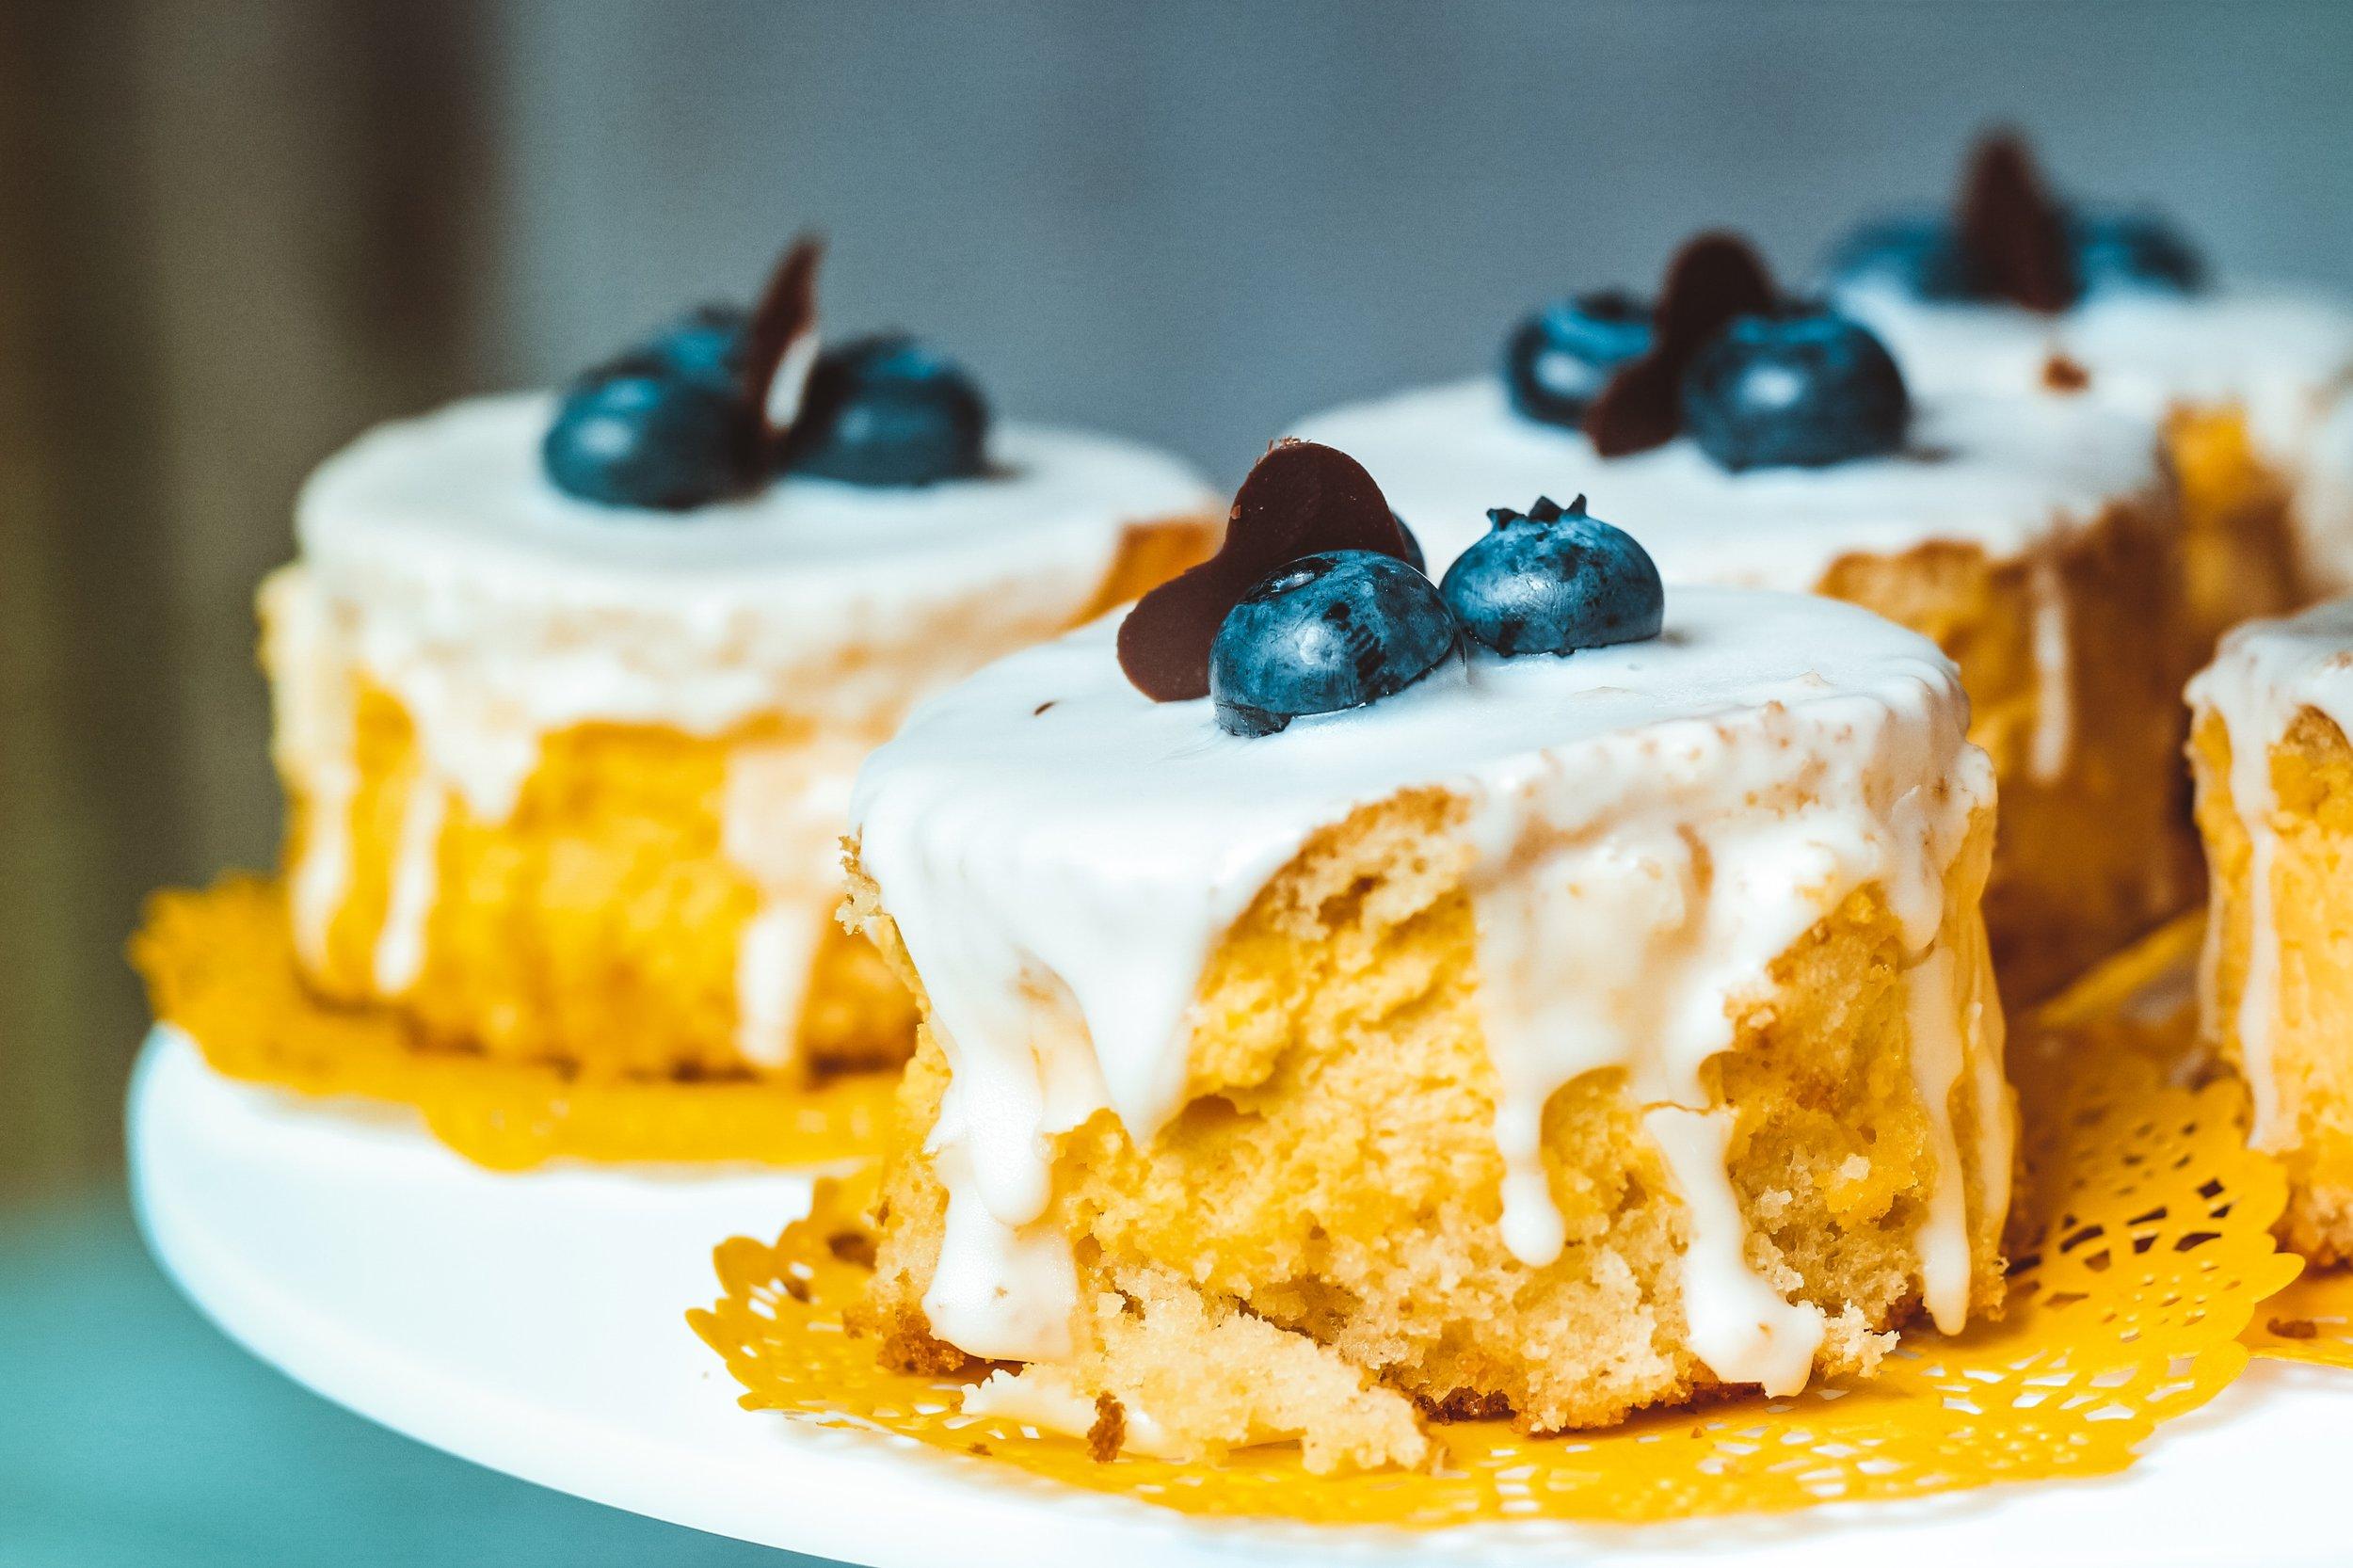 dessert voyedge rx